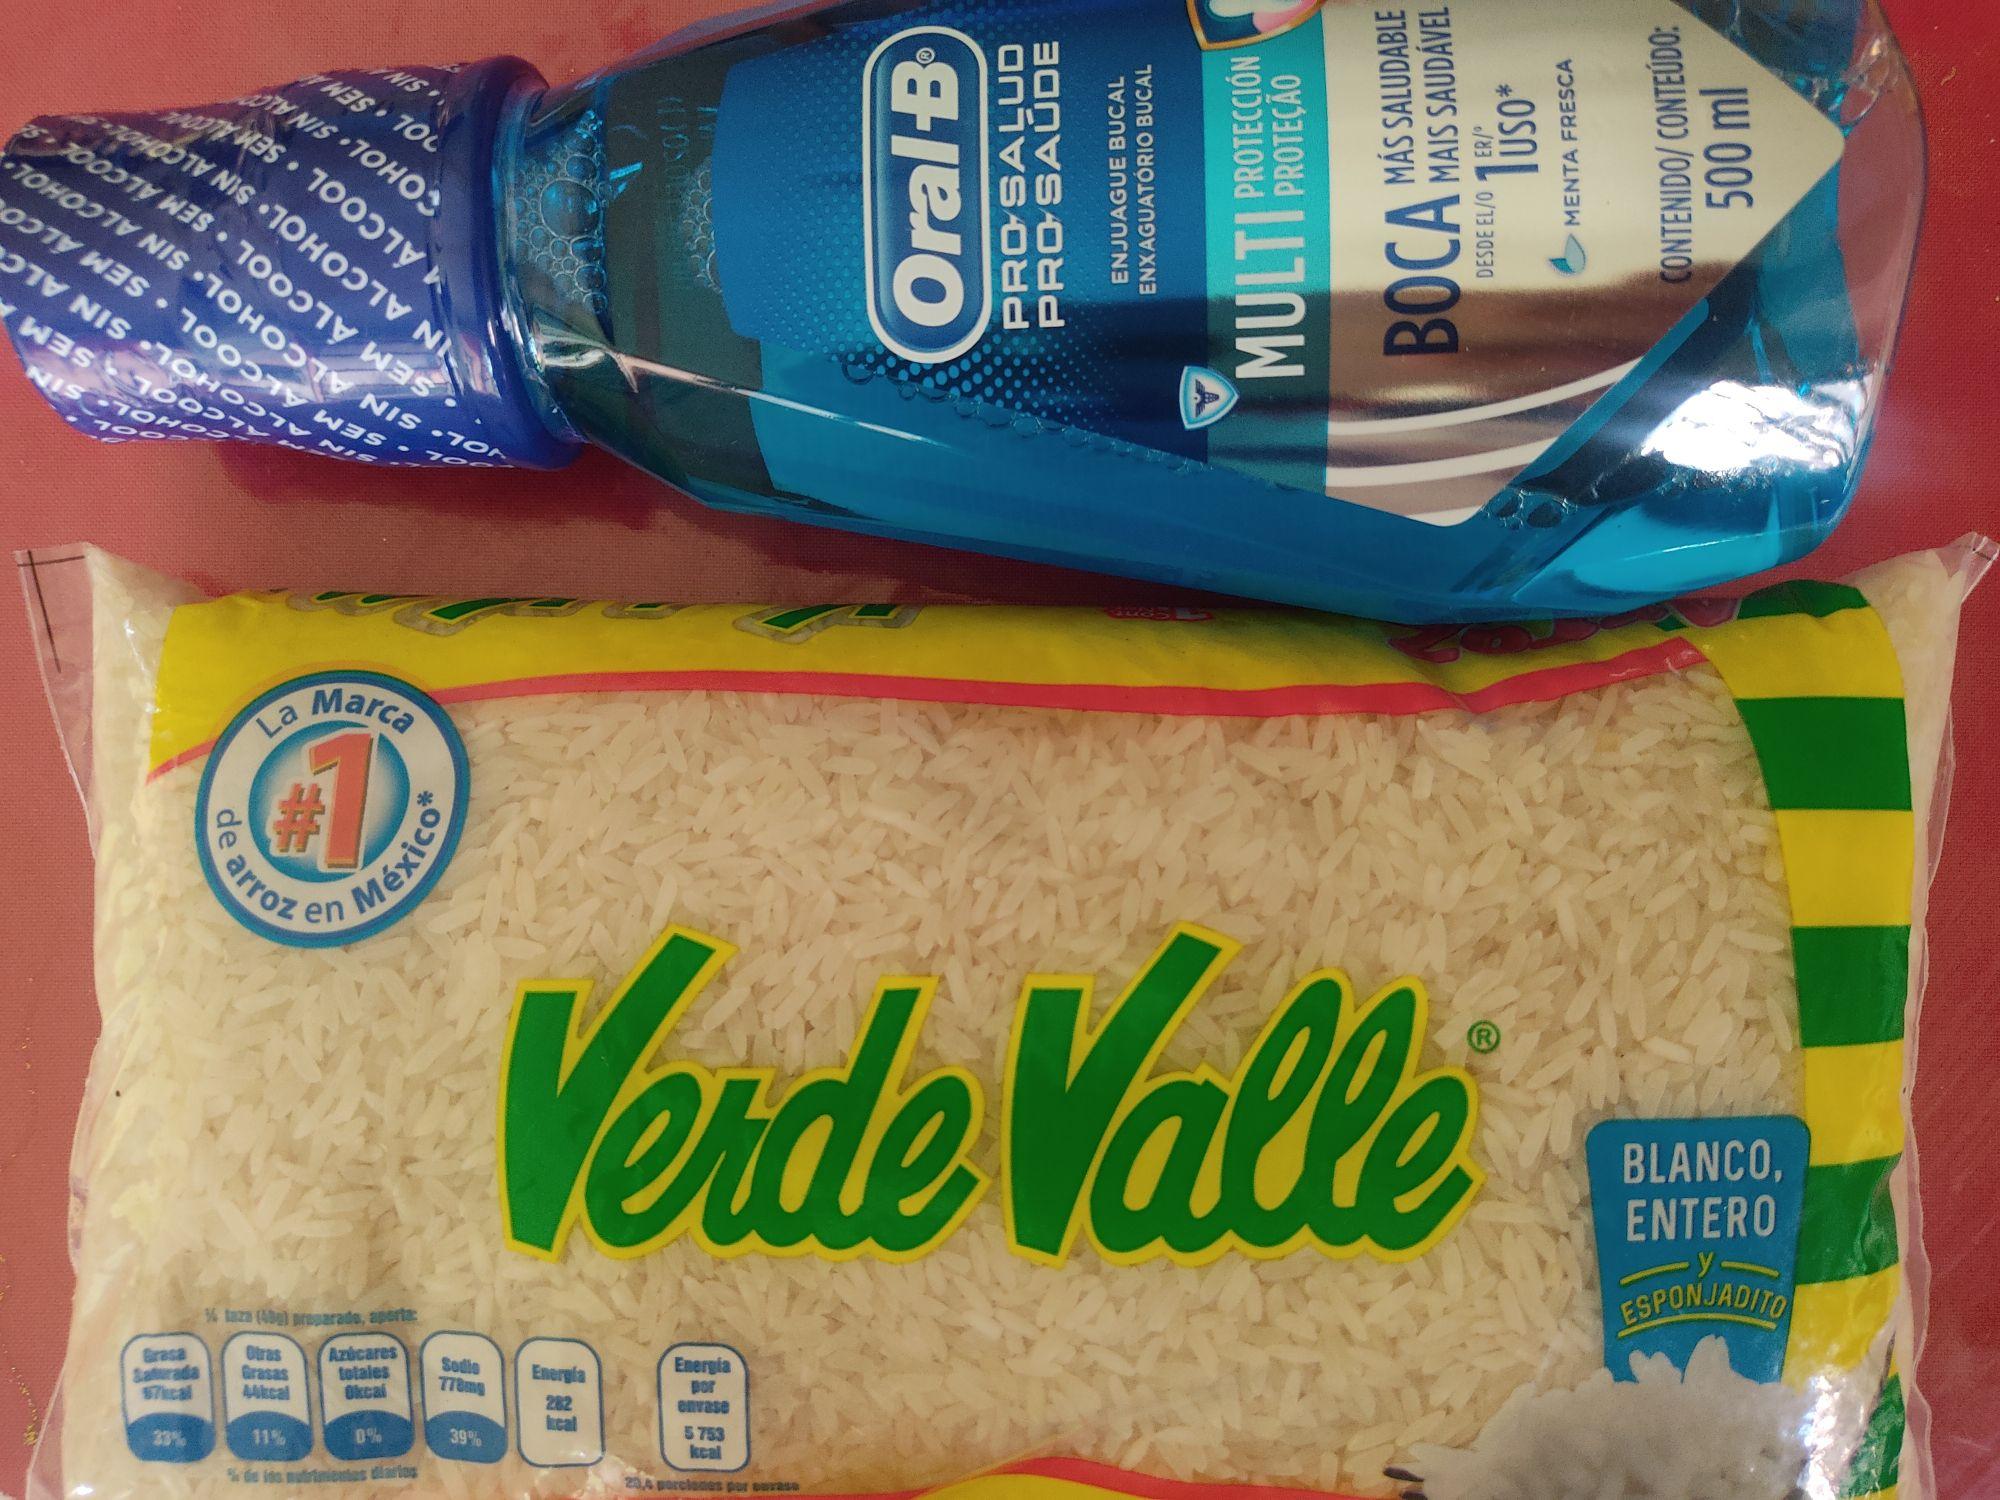 Farmacia Guadalajara: 1kg de arroz Verde Valle a $25.5 y Enjuague bucal Oral B 500ml en $49